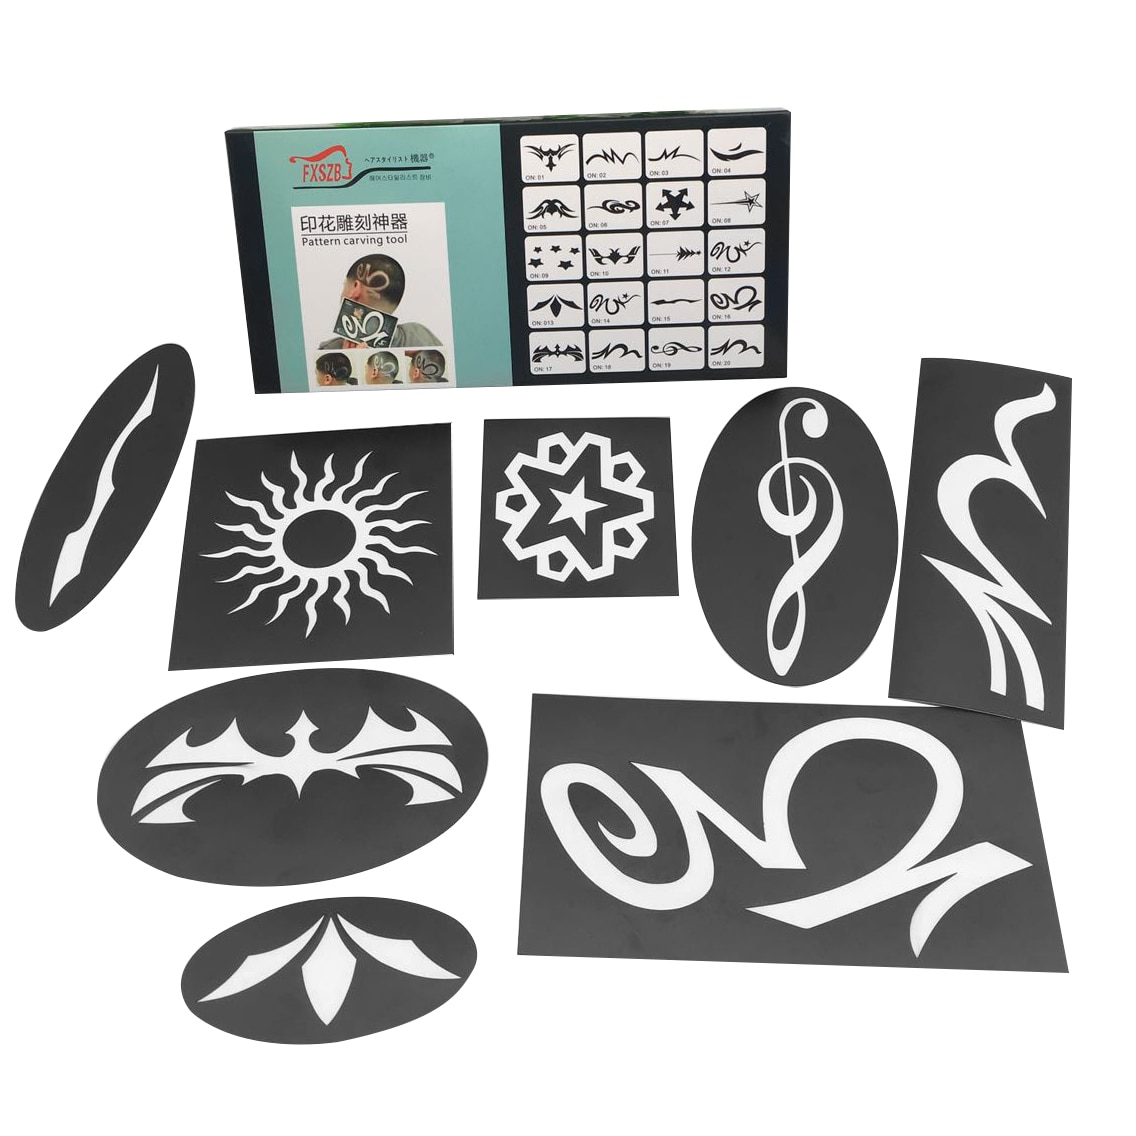 20 unids/set de plantillas de tatuaje para el cabello, recortador de patrones de colores tallados, pegatinas de plantilla, tablero de revestimiento de tinte, herramientas de peluquería DIY para salón